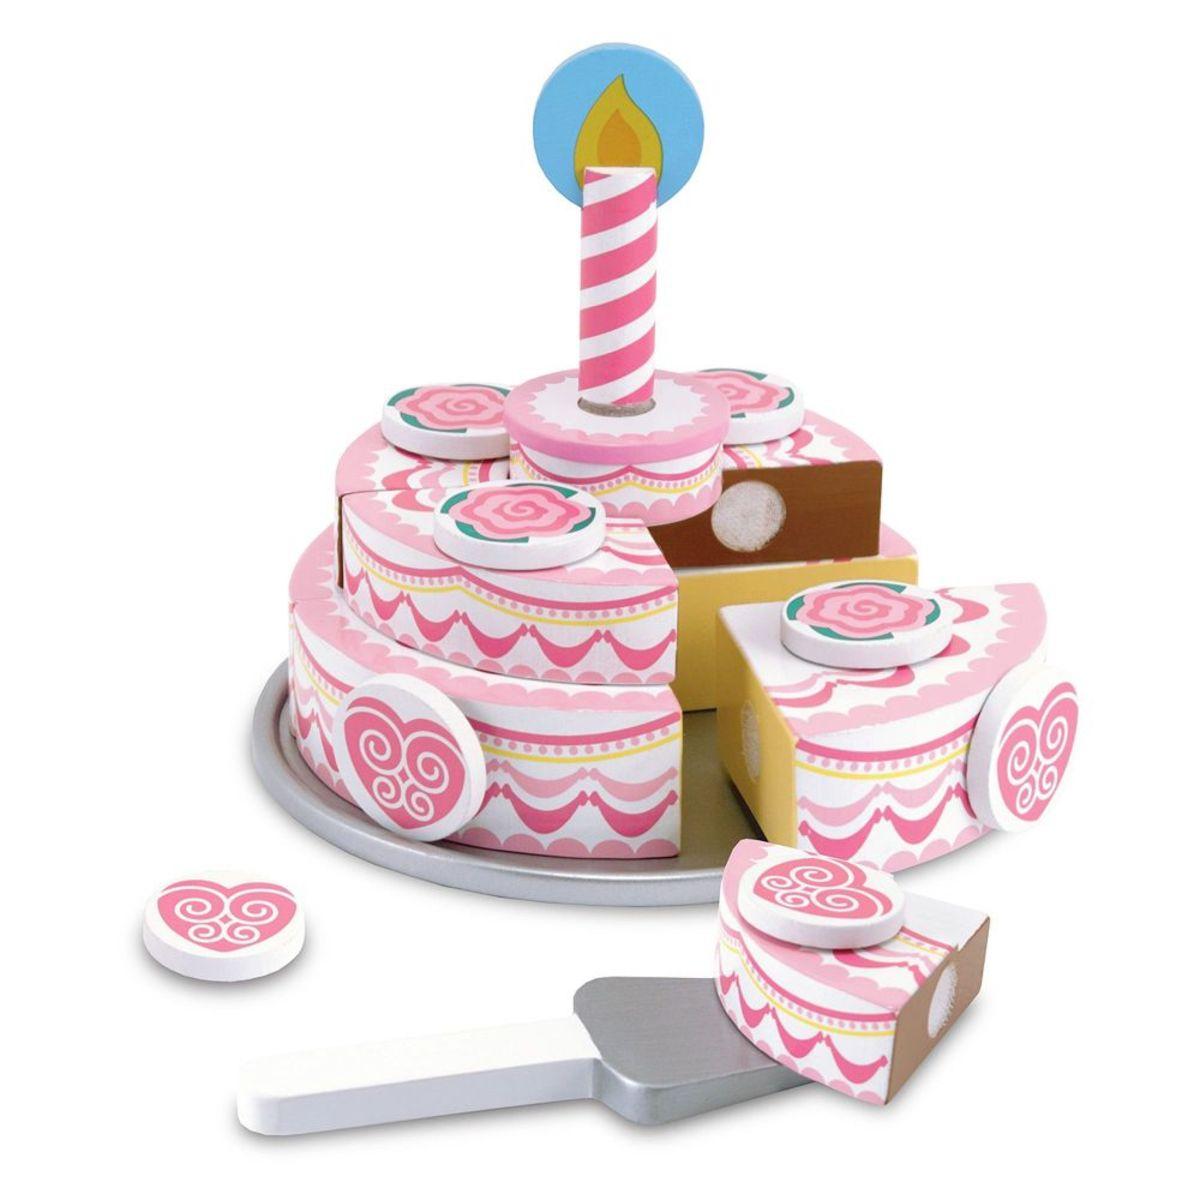 Ourbaby kuchyňka Birthday cake 31506-0 růžová